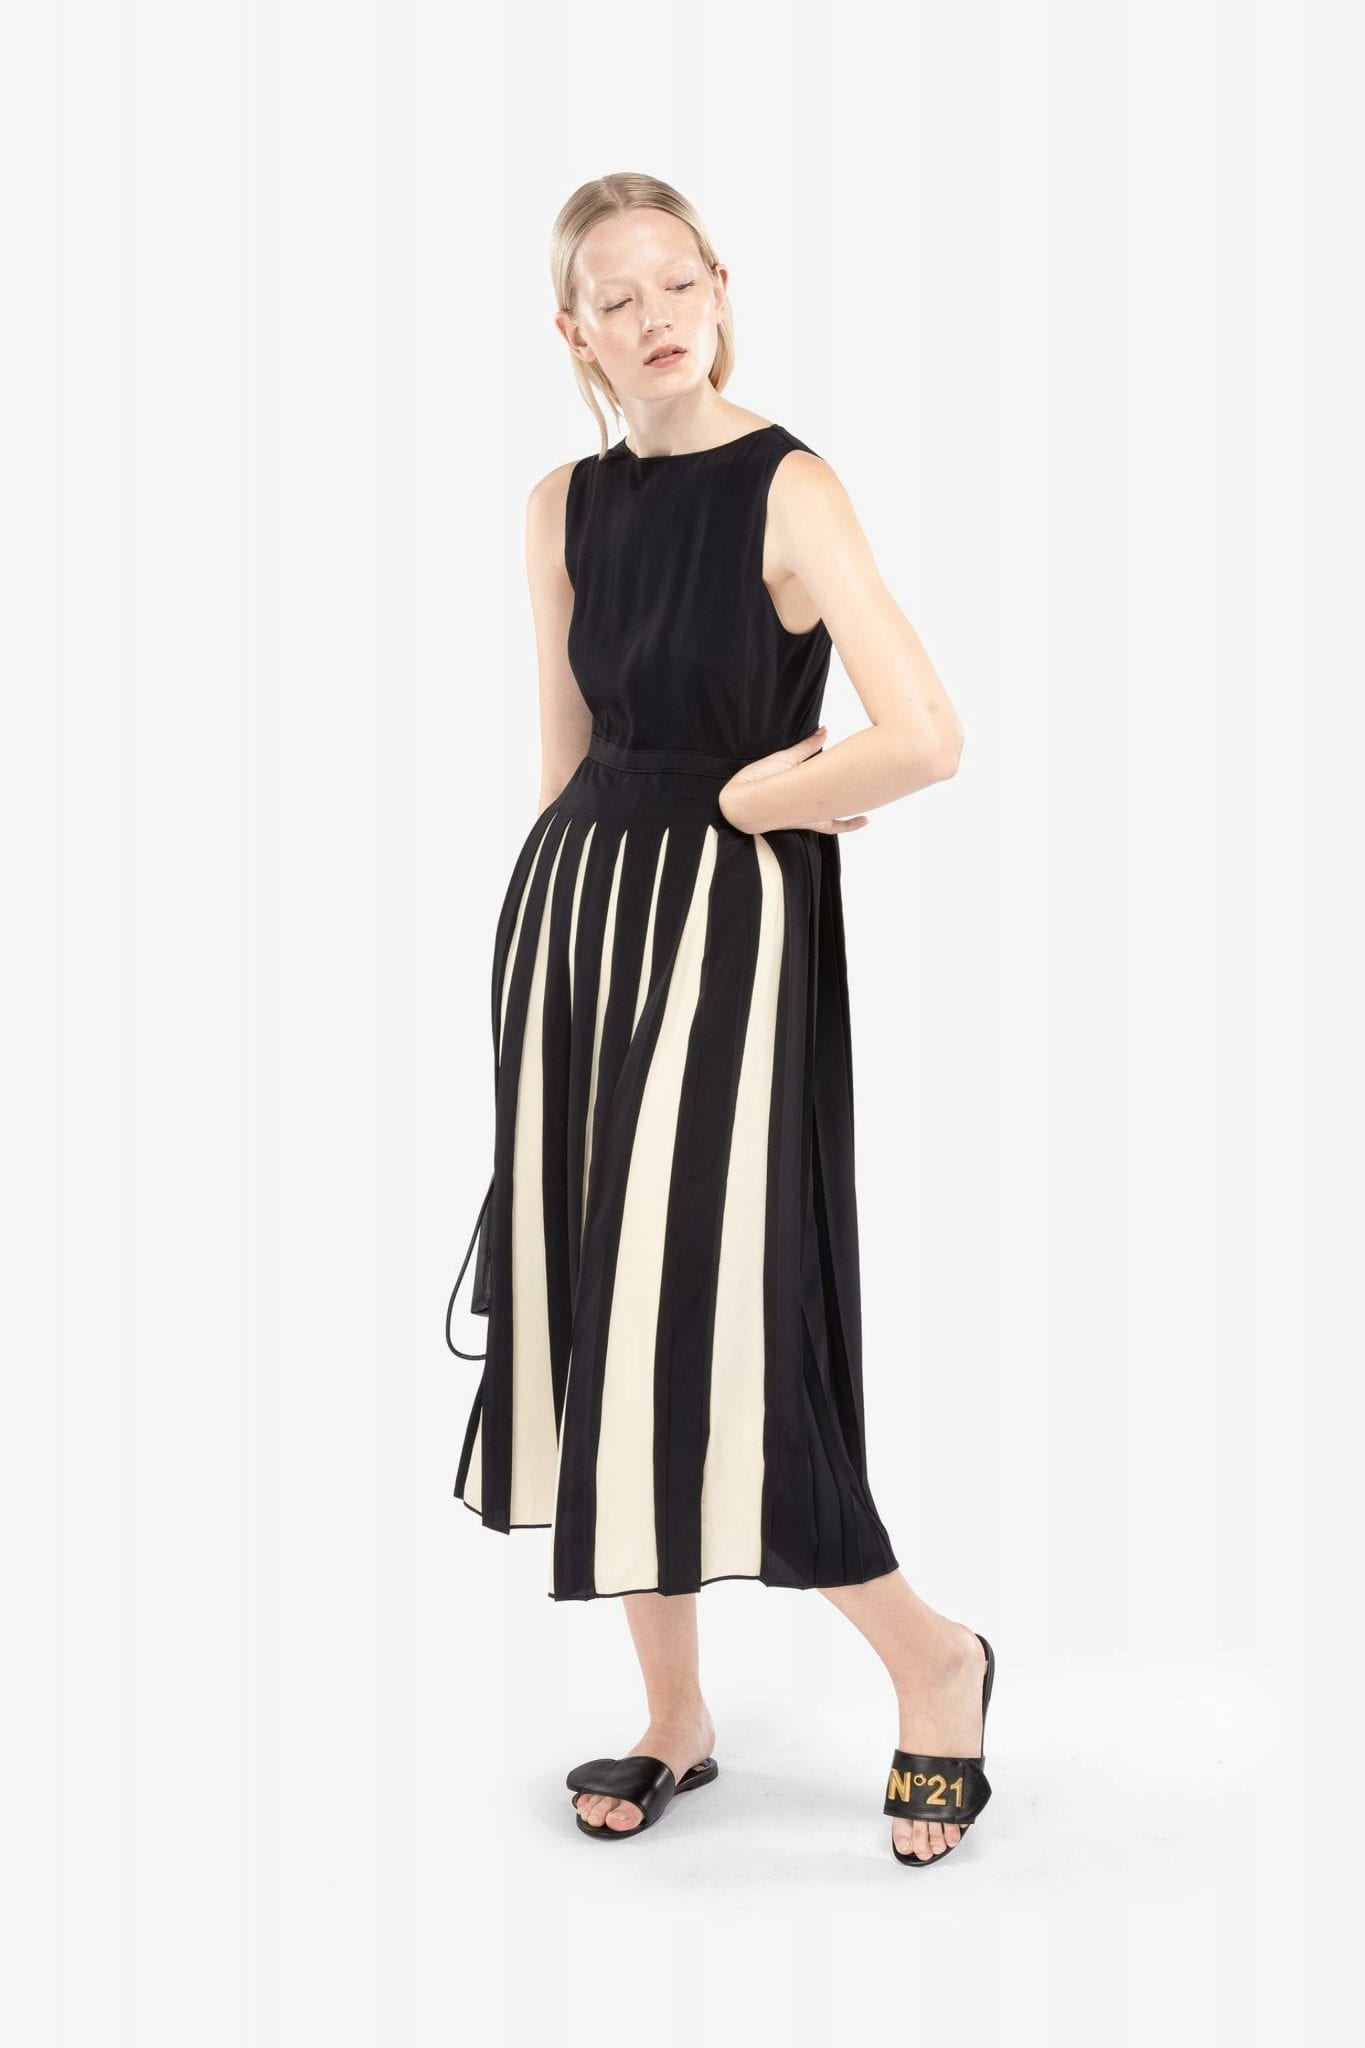 N20 Contrast Pleat Midi Dress